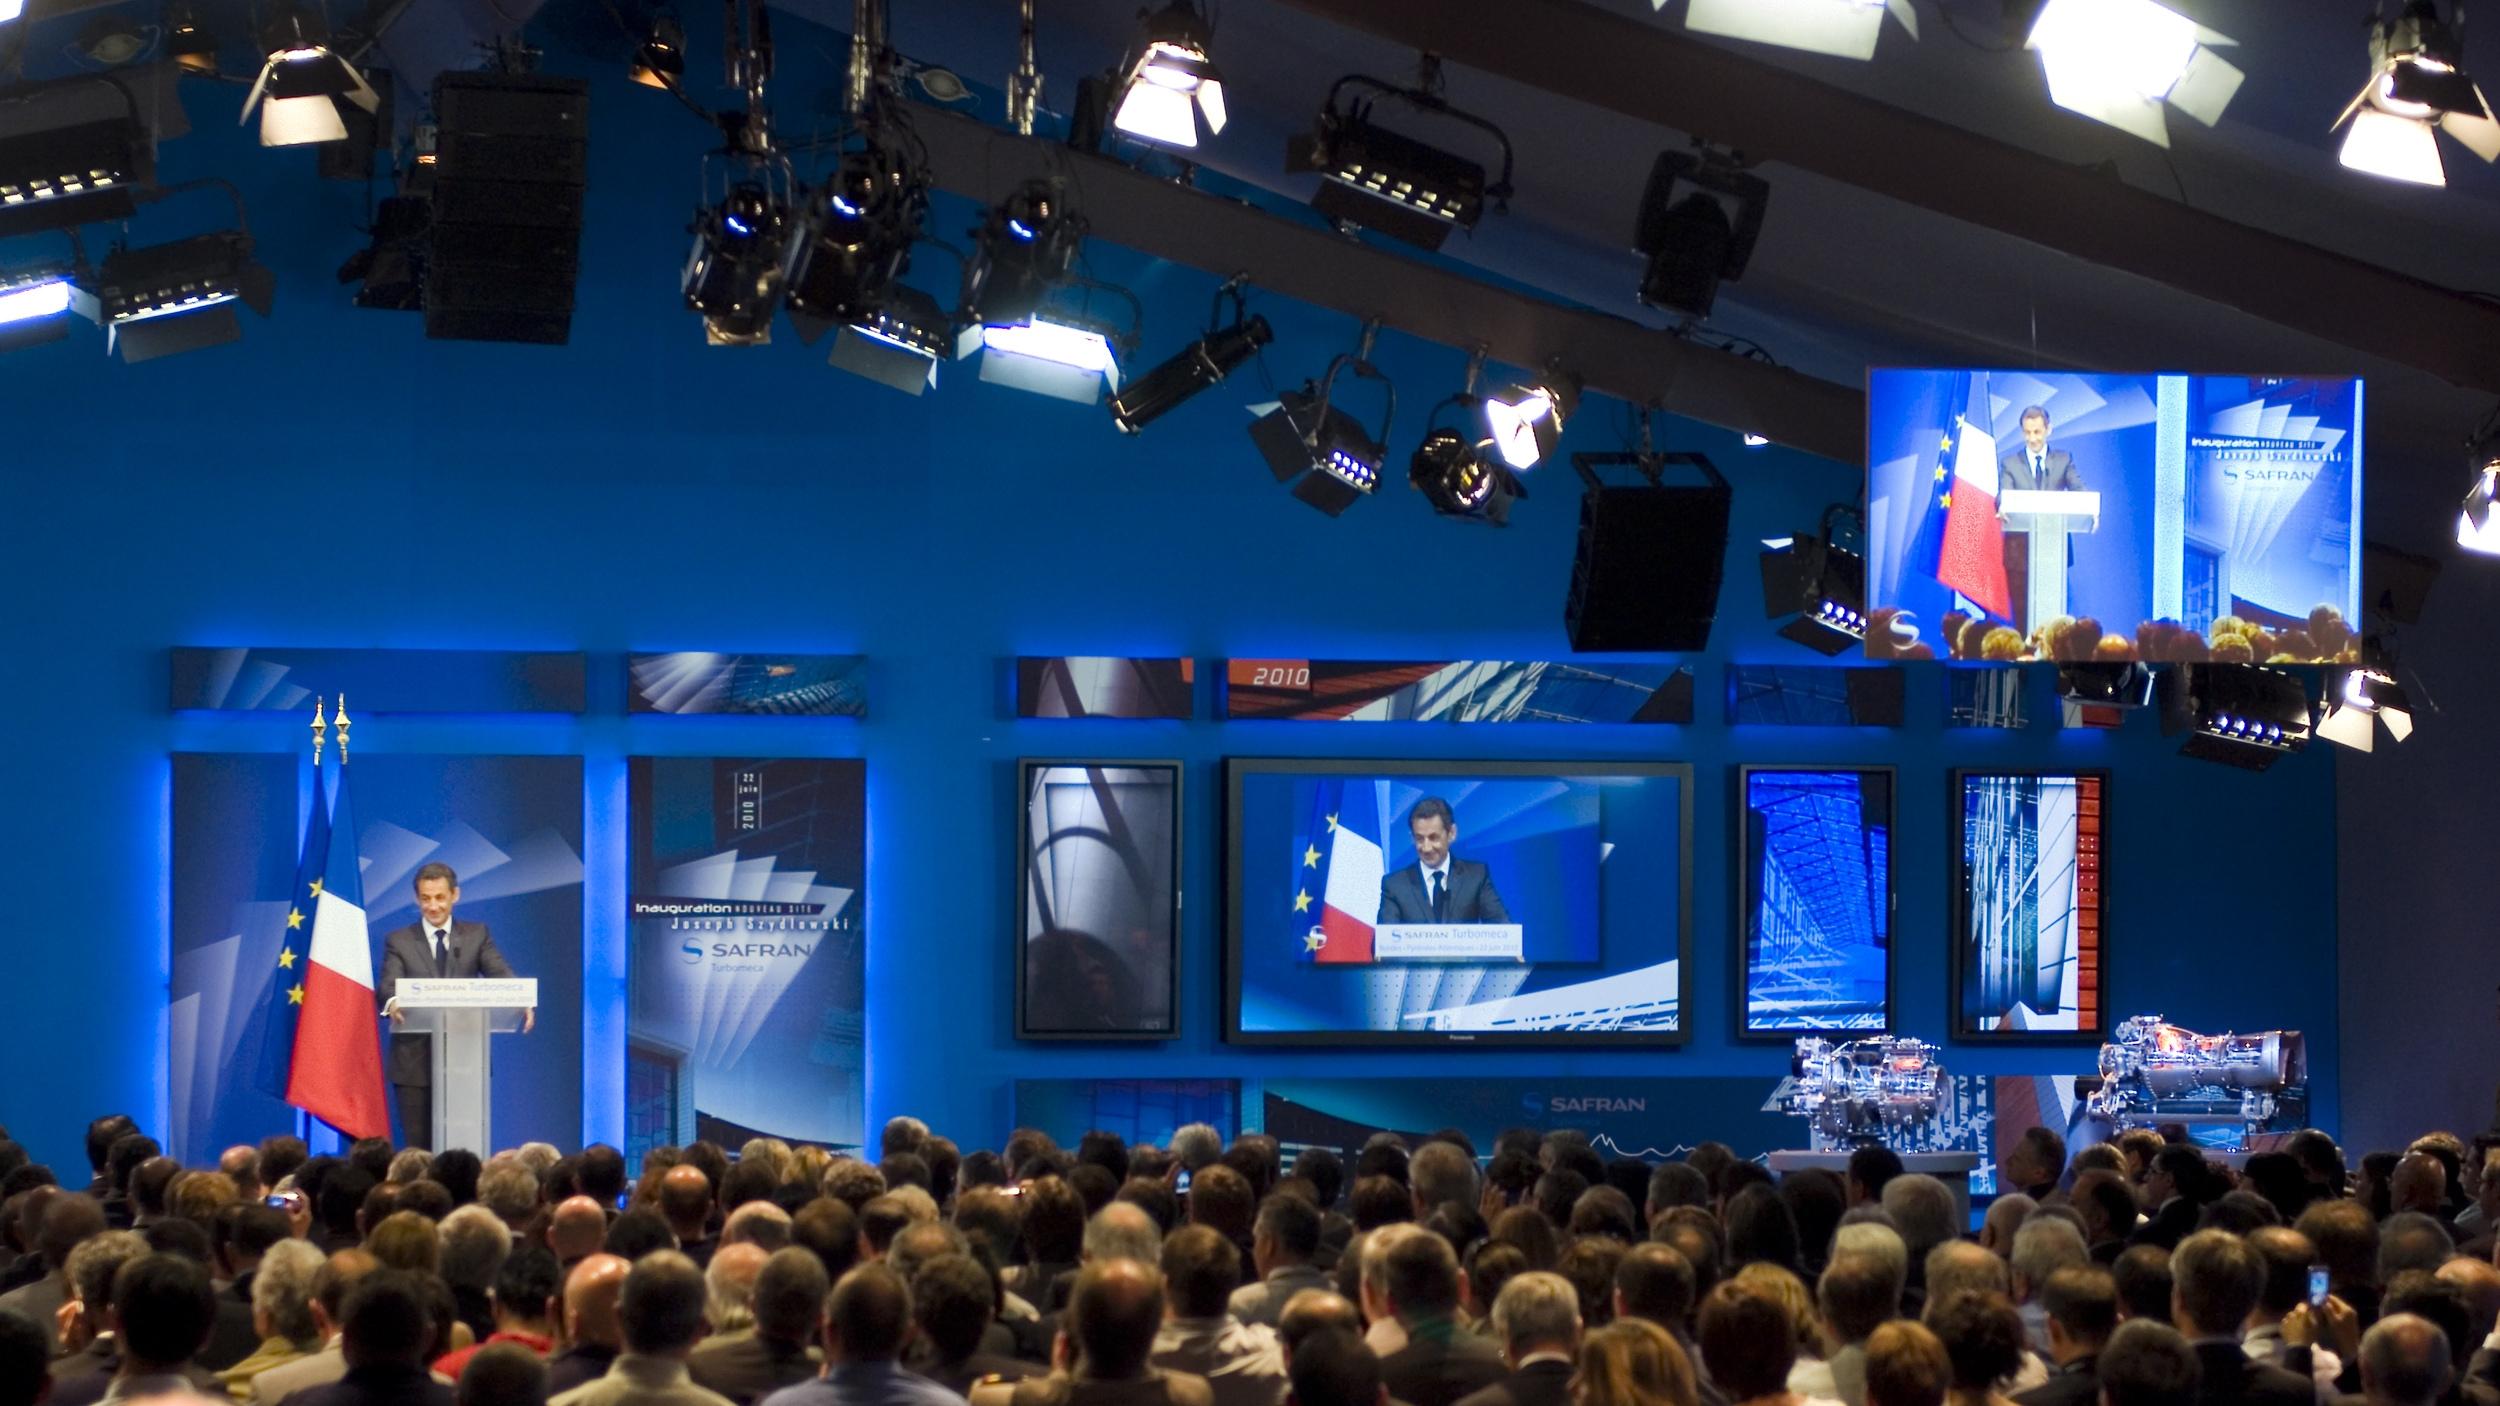 Safran_Turbomeca_Inauguration Eole_Bordes {2010}_ 518.jpg